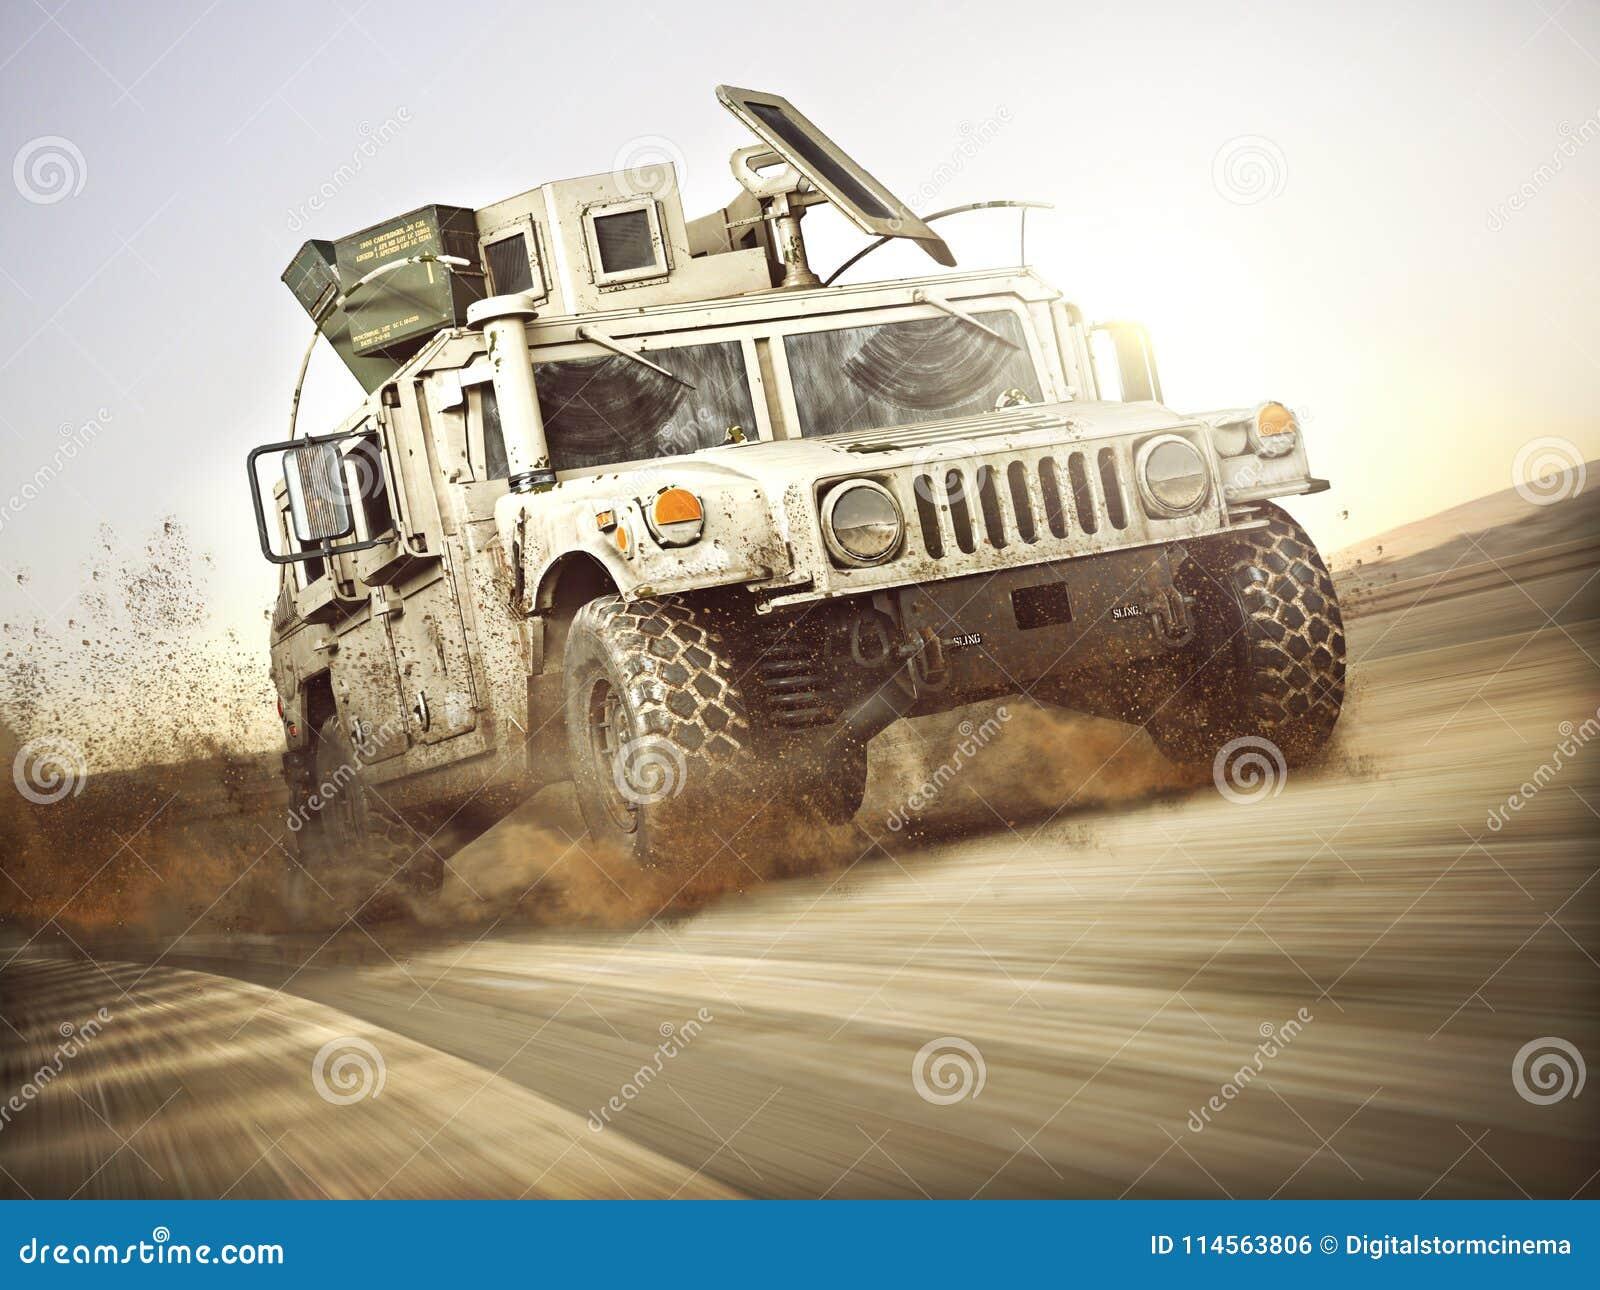 Veículo blindado militar que move-se em uma relação de velocidade alta com borrão de movimento sobre a areia genérico